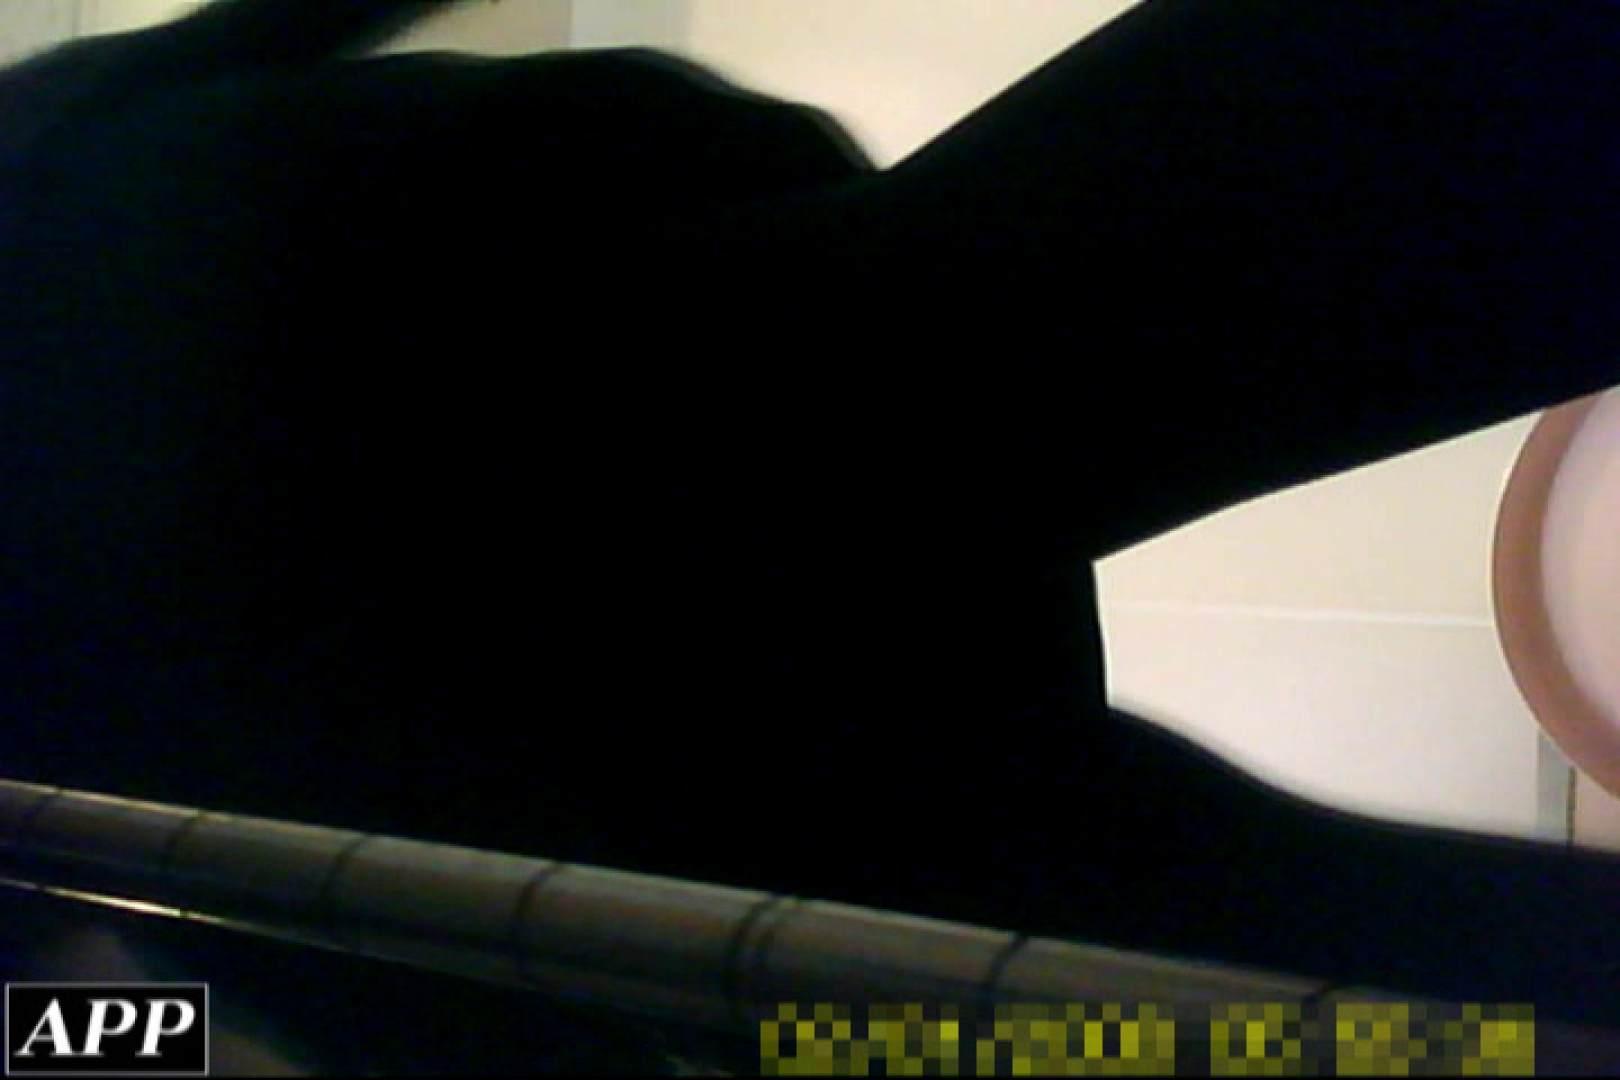 3視点洗面所 vol.91 洗面所  35PICs 6